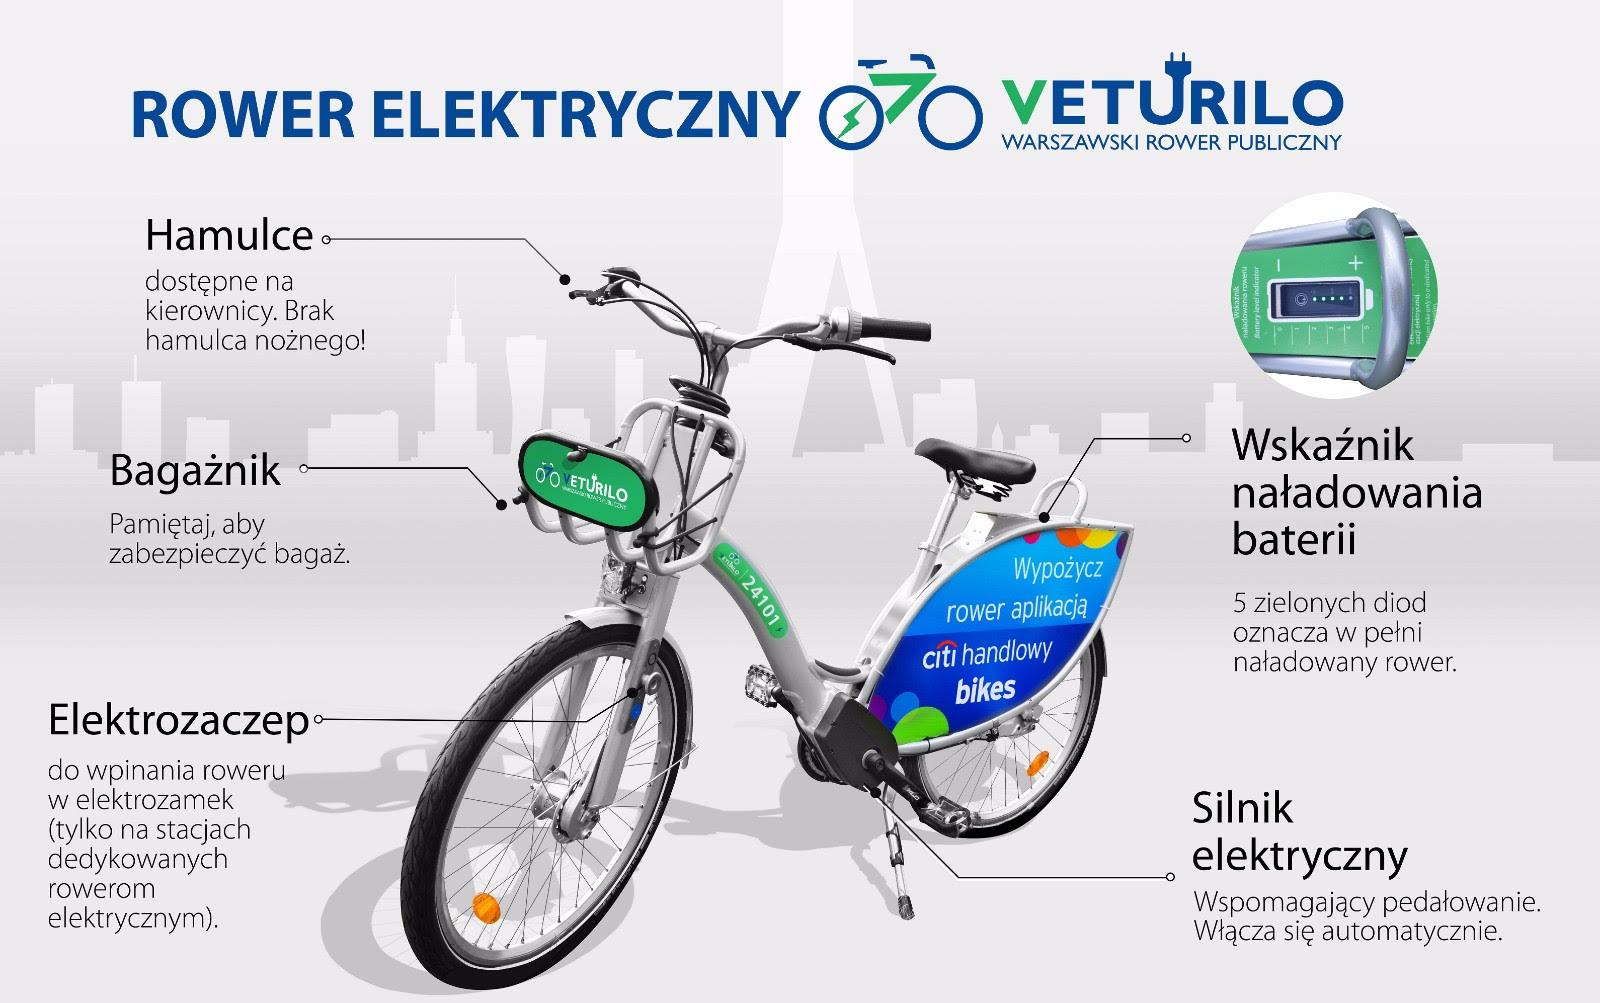 rower elektryczny veturilo